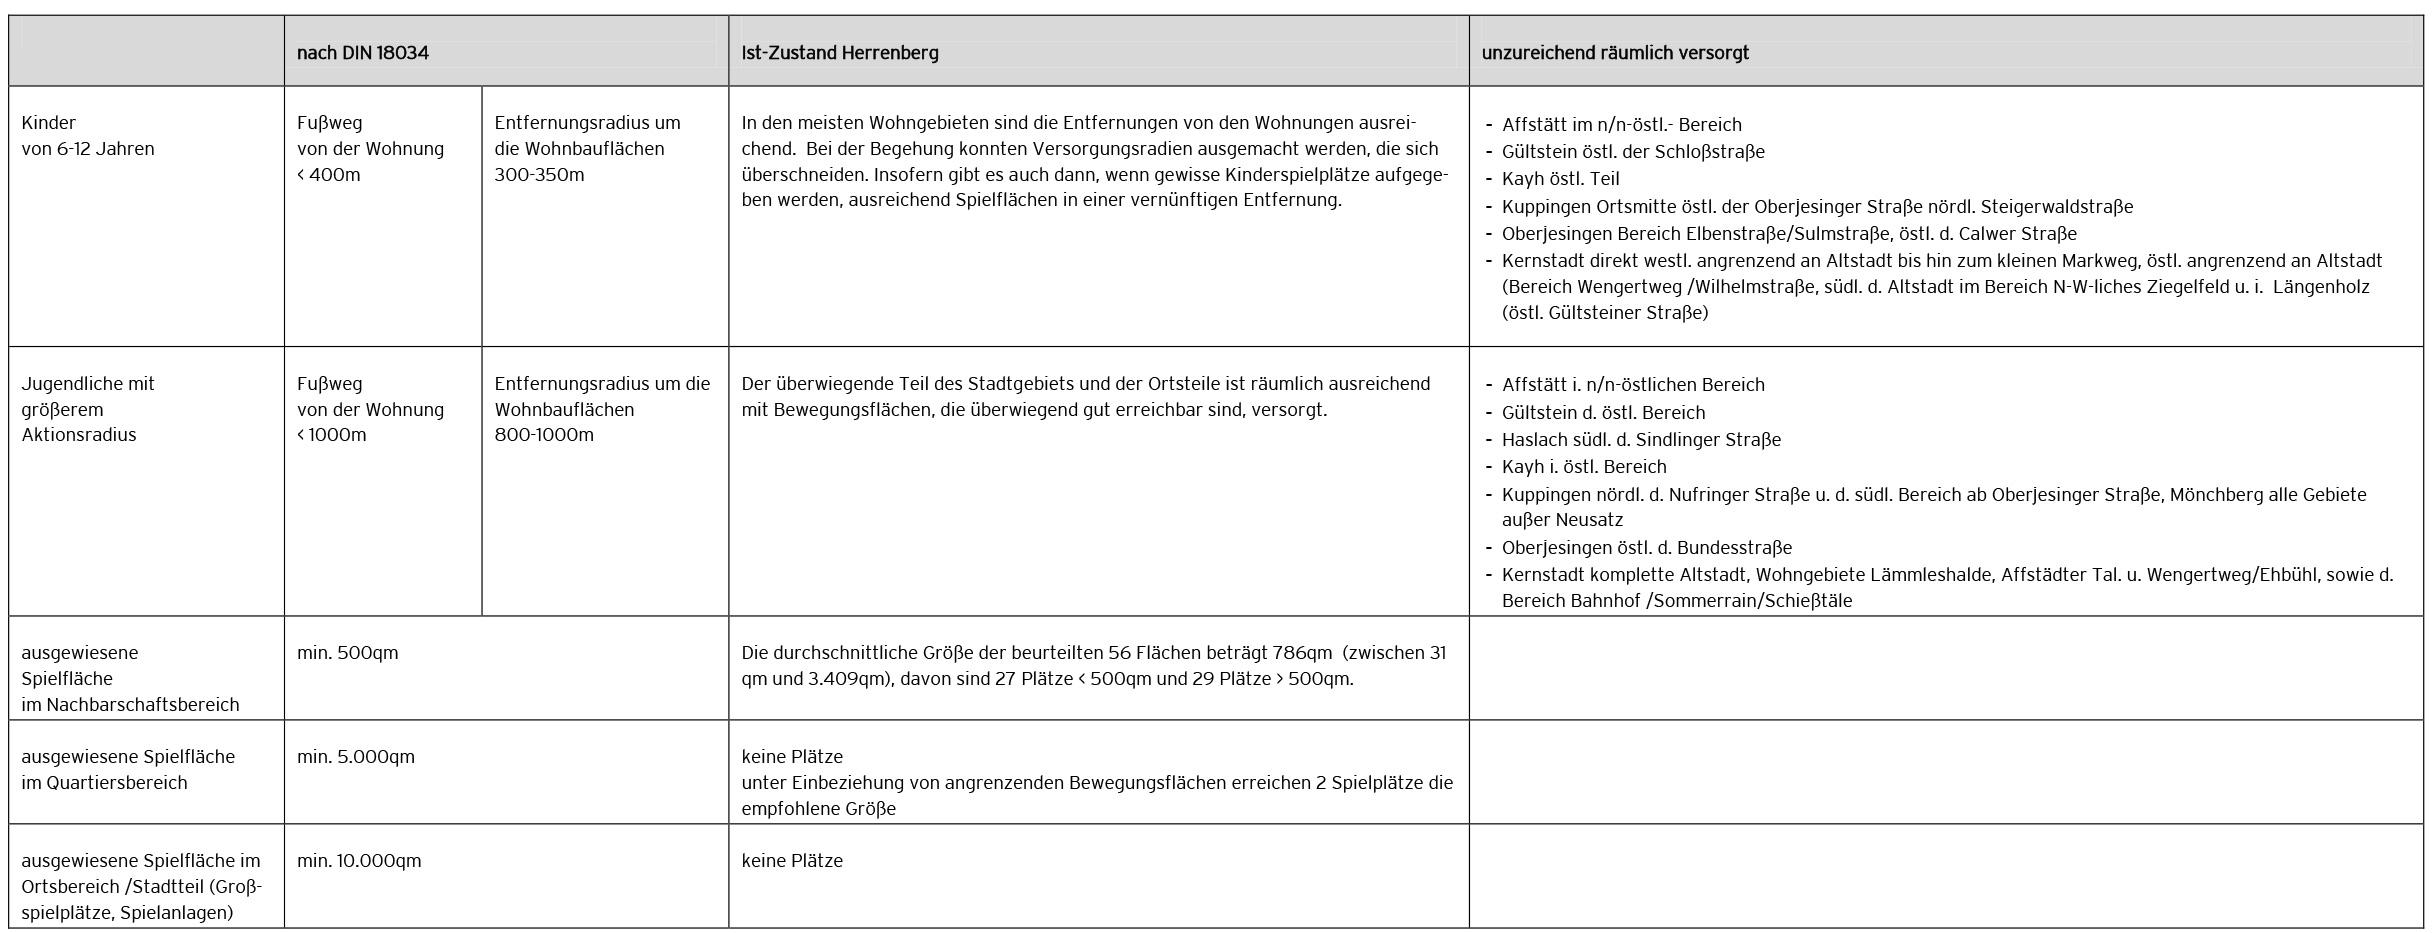 1.4_Was-haben-wir--Versorgungsanalyse_Tabelle-1_Versorgungsanalyse-2